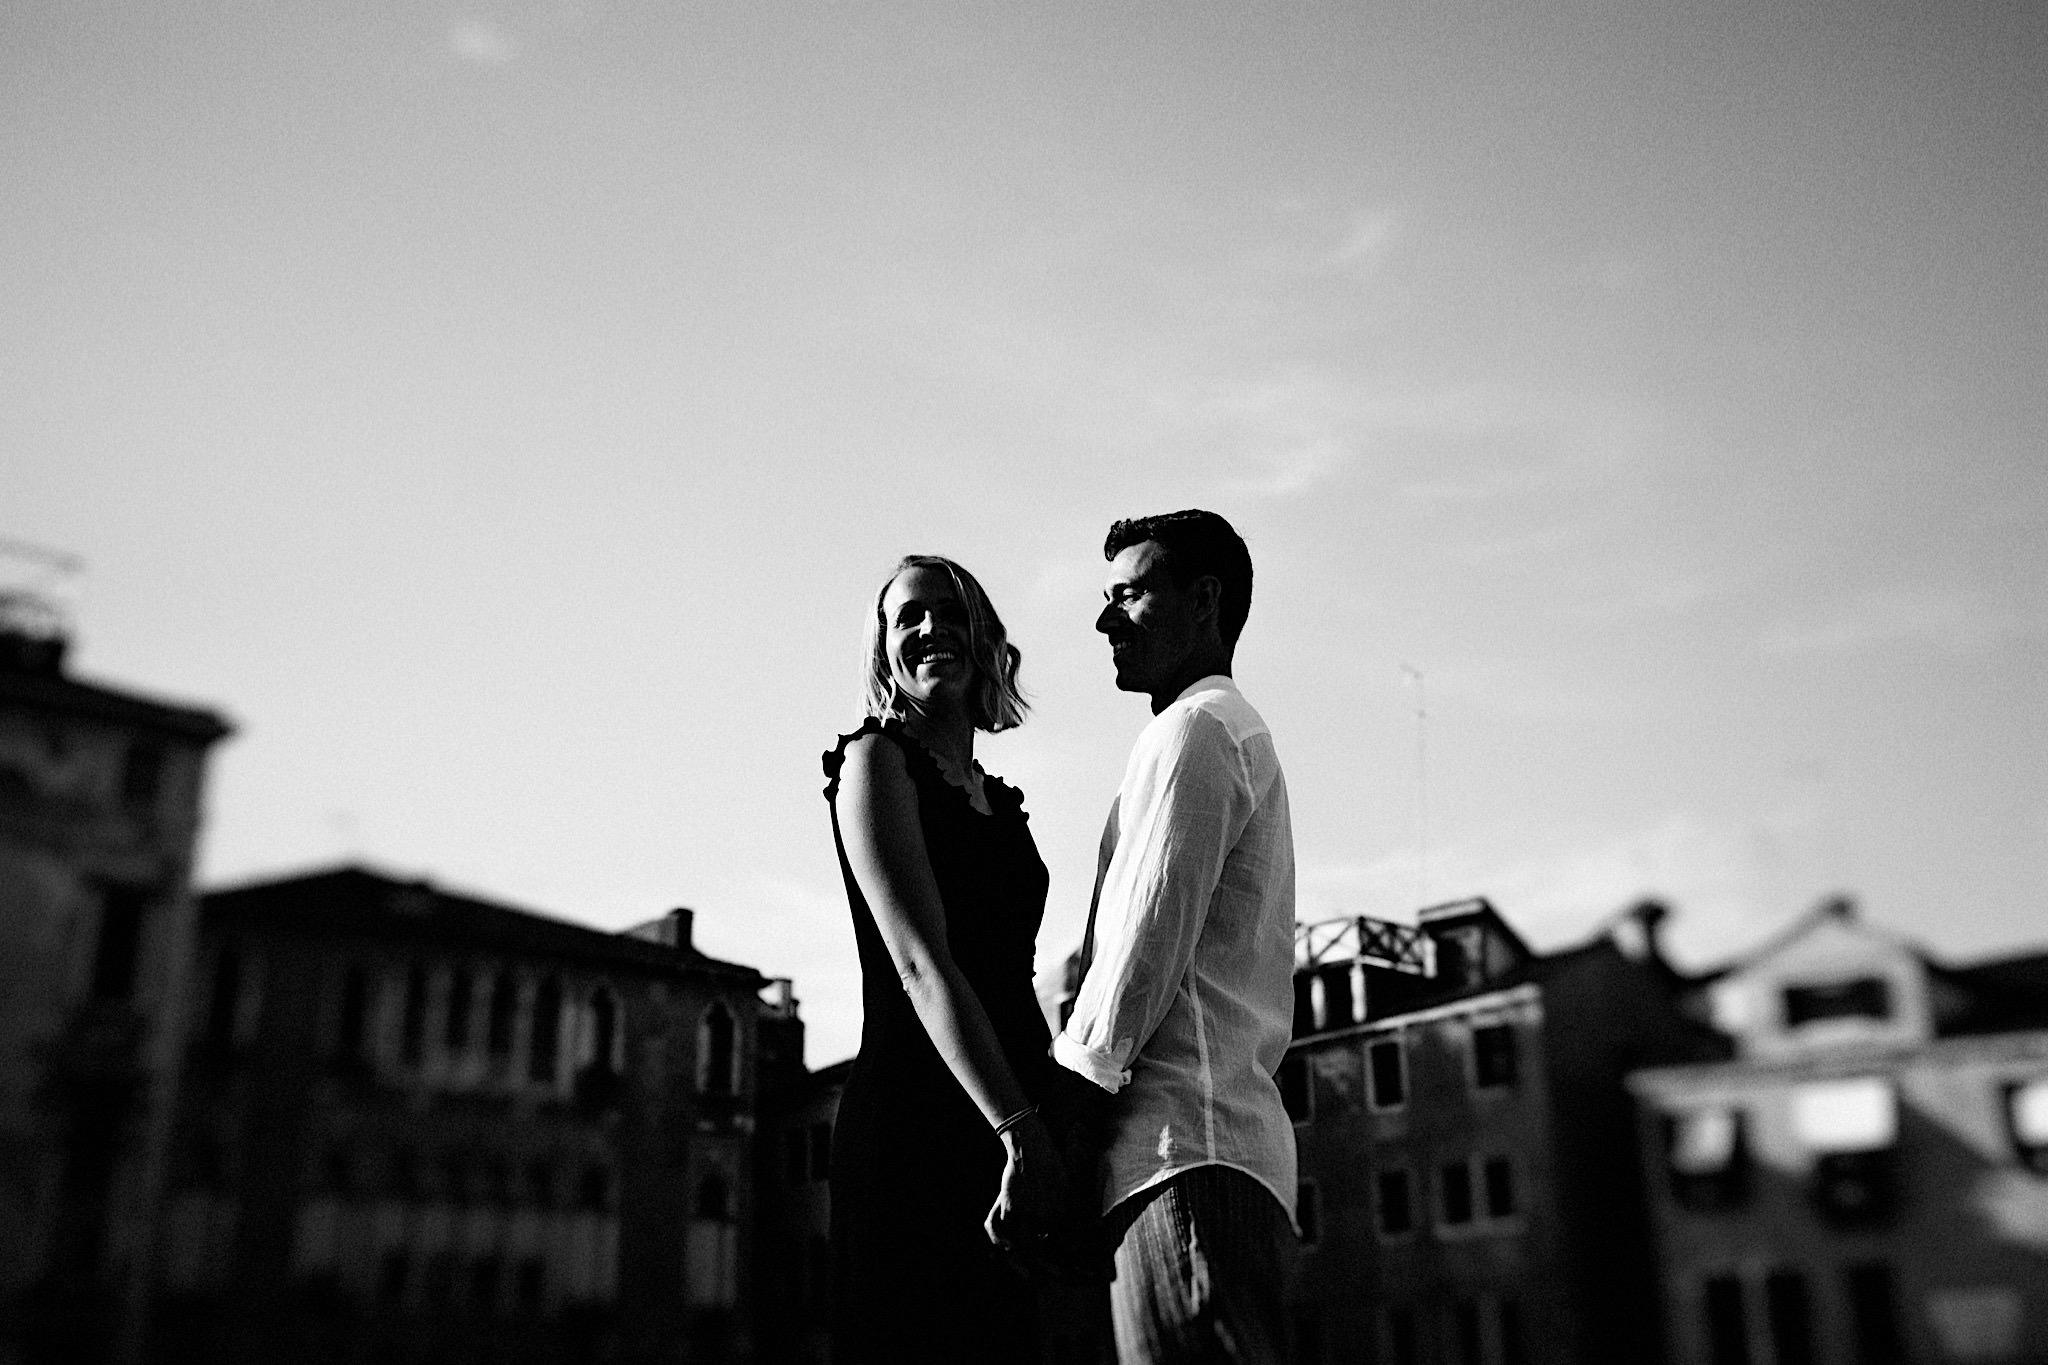 18_venezia_tramonto_matrimonio_proposta